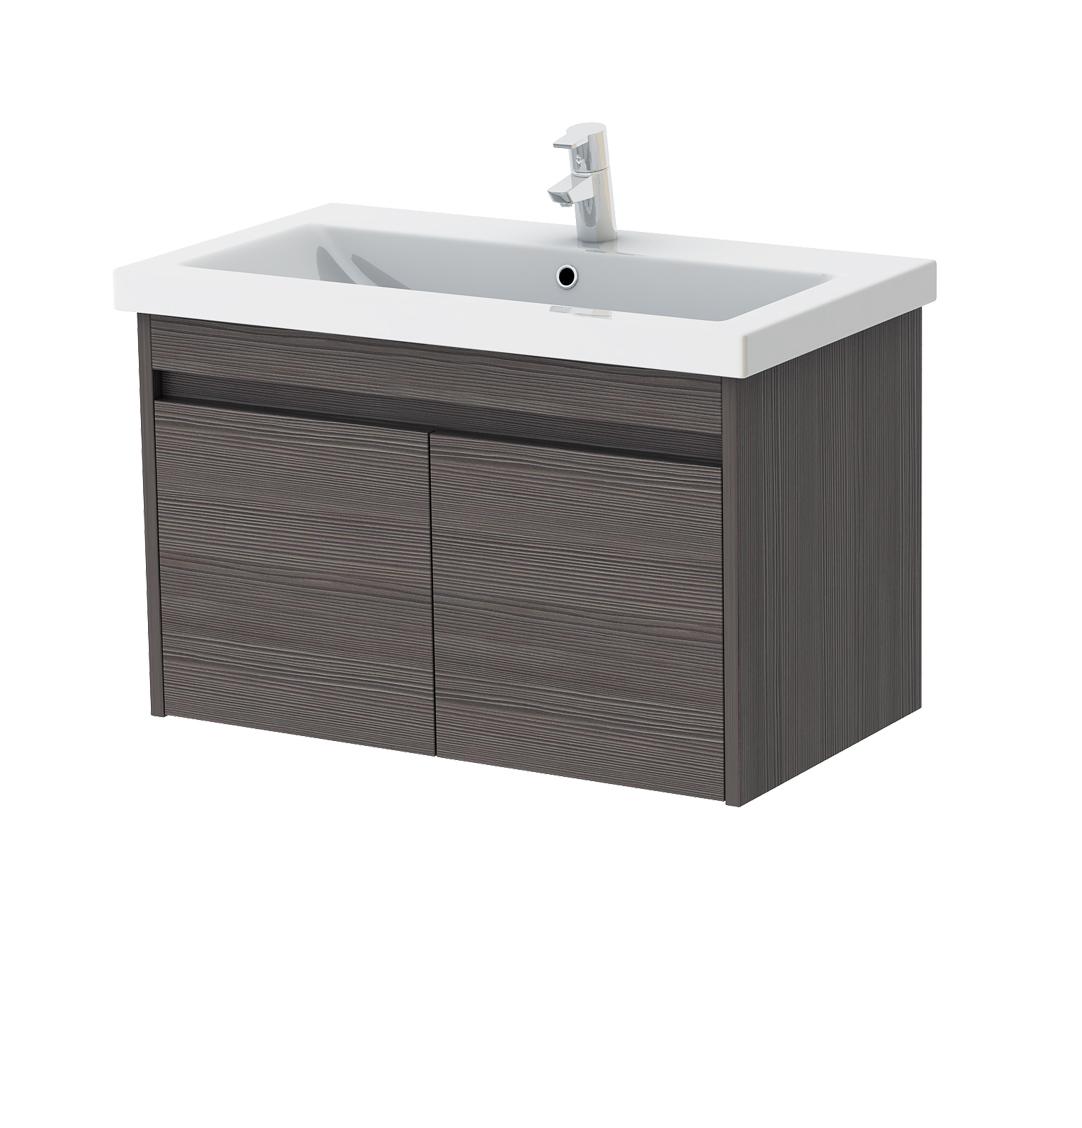 Kúpeľňová skrinka na stenu s umývadlom Juventa Ravenna Rv-80 (sivohnedá)